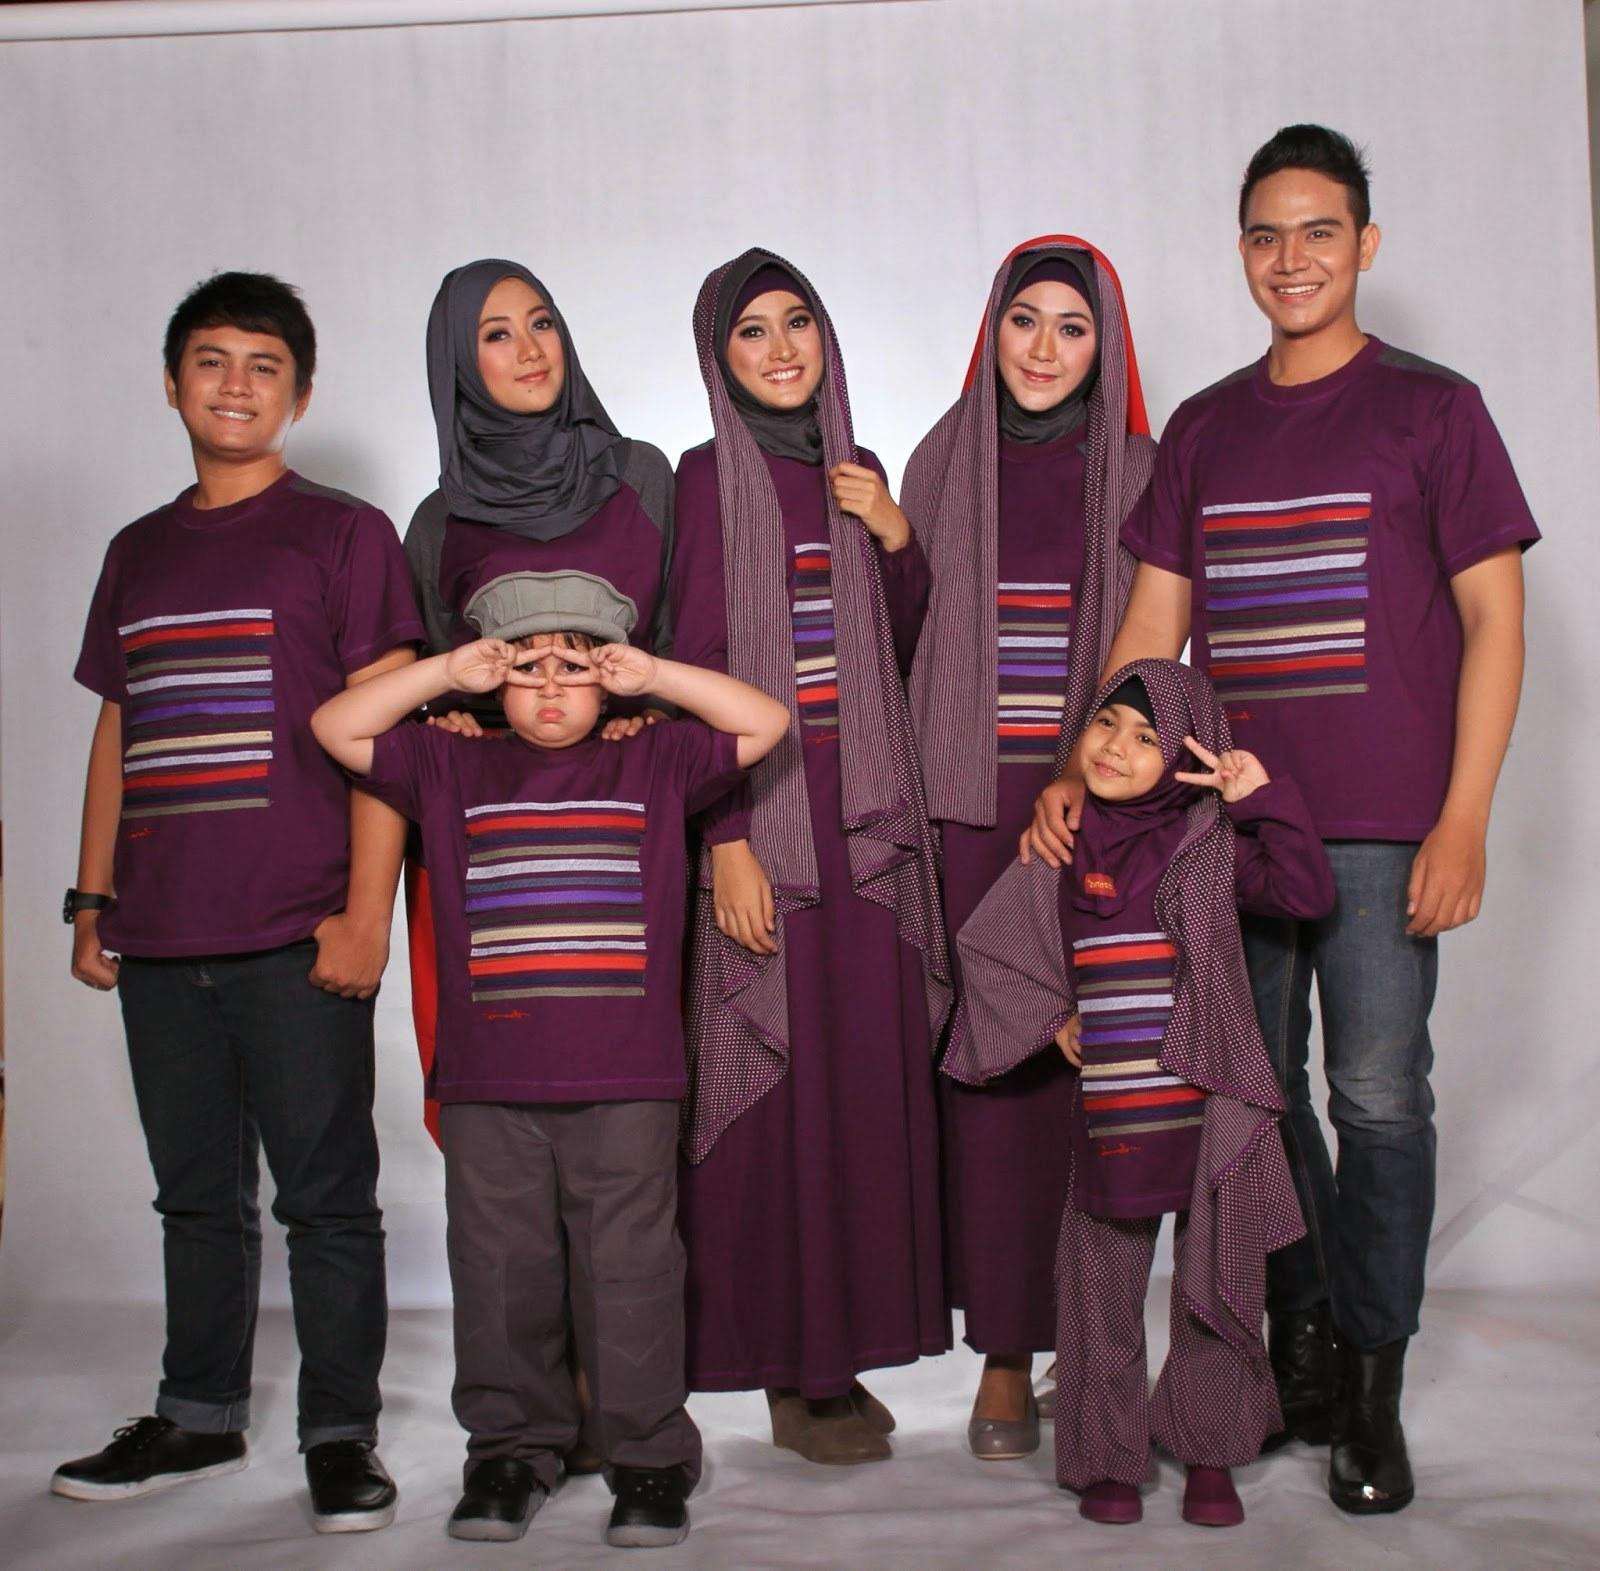 Bentuk Harga Baju Lebaran T8dj Model Baju Keluarga Untuk Hari Raya Lebaran 2018